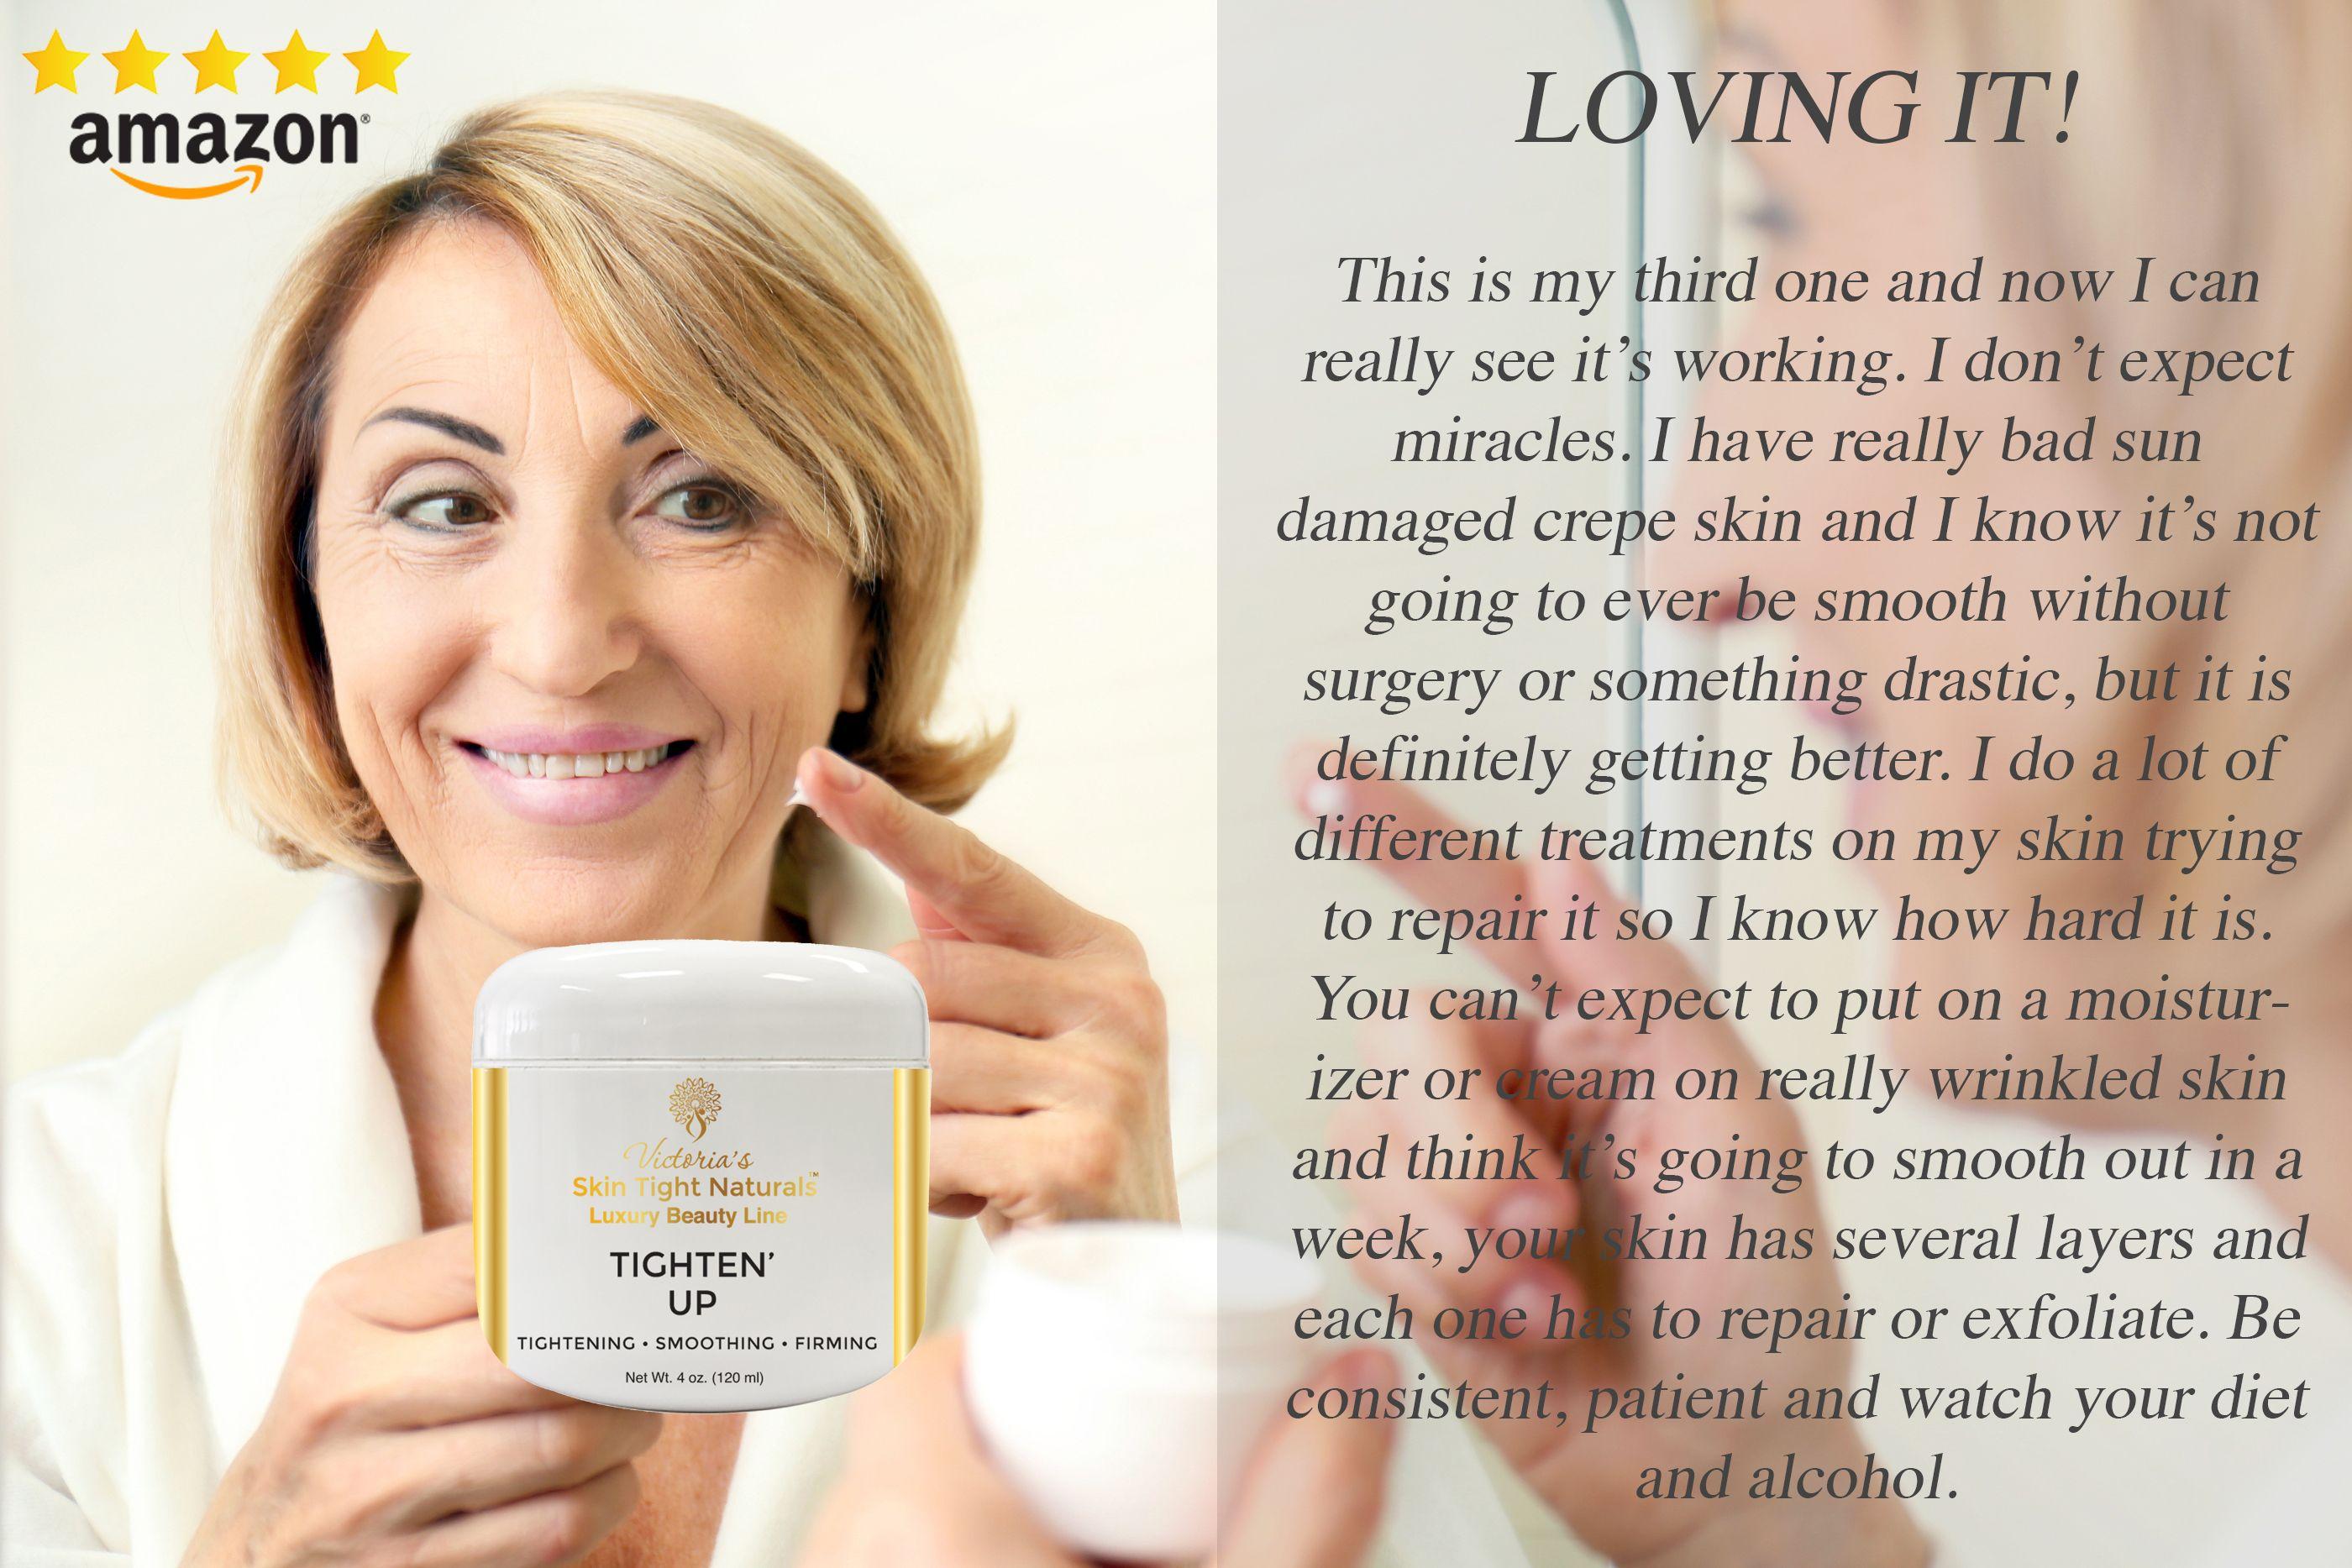 Tighten Up Moisturizing Body Cream Crepey Skin Moisturizer Cream